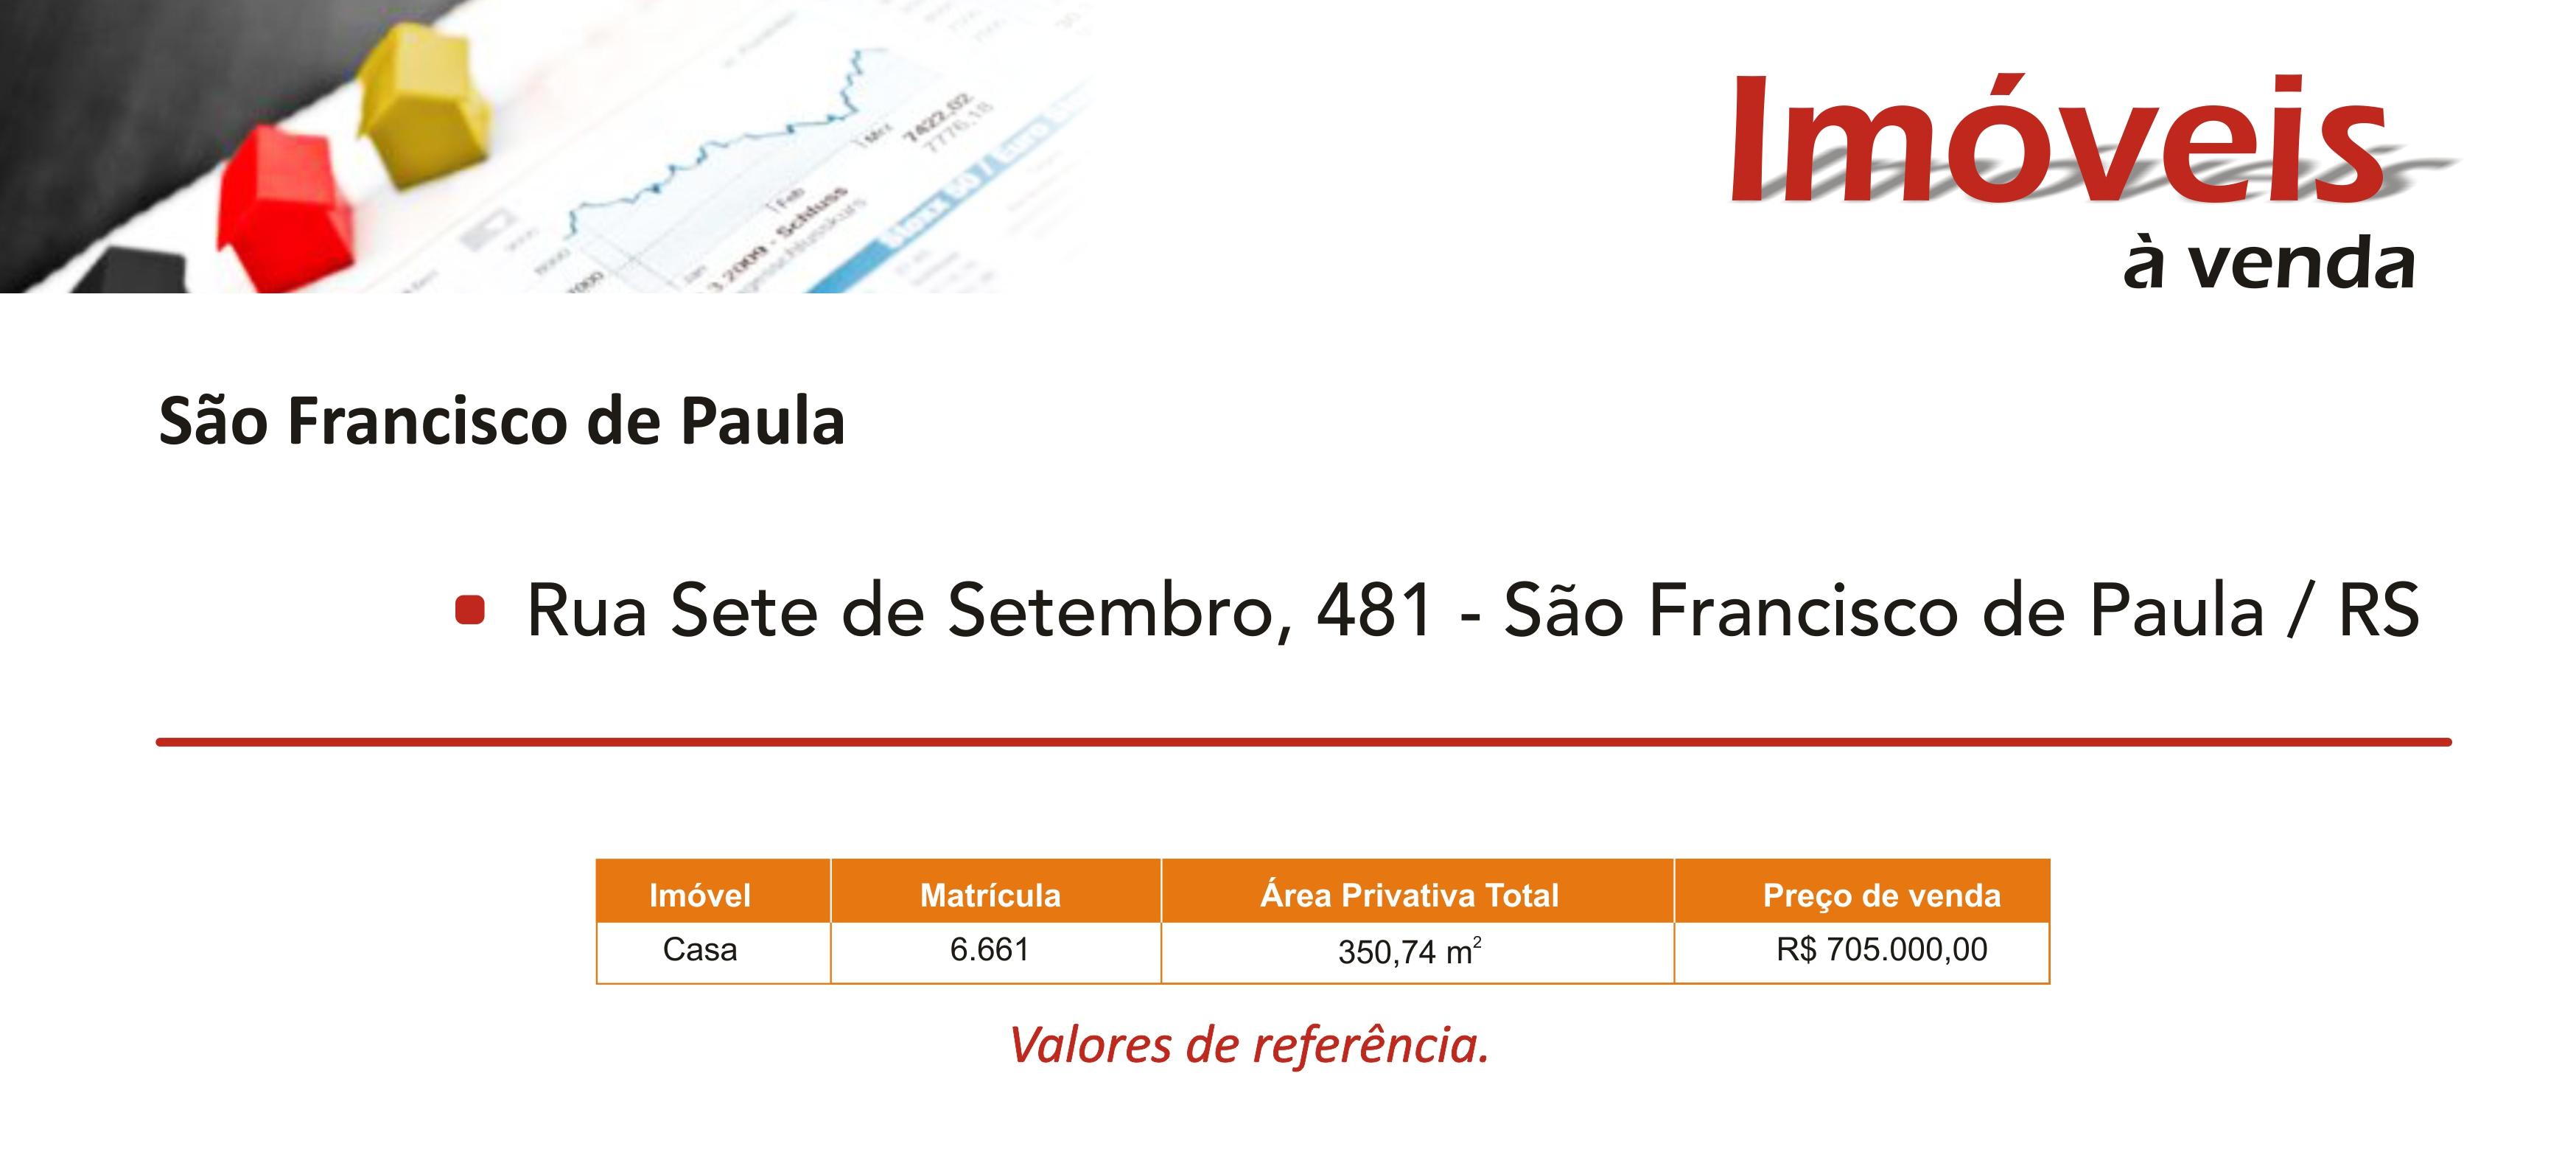 tabela_sao_francisco